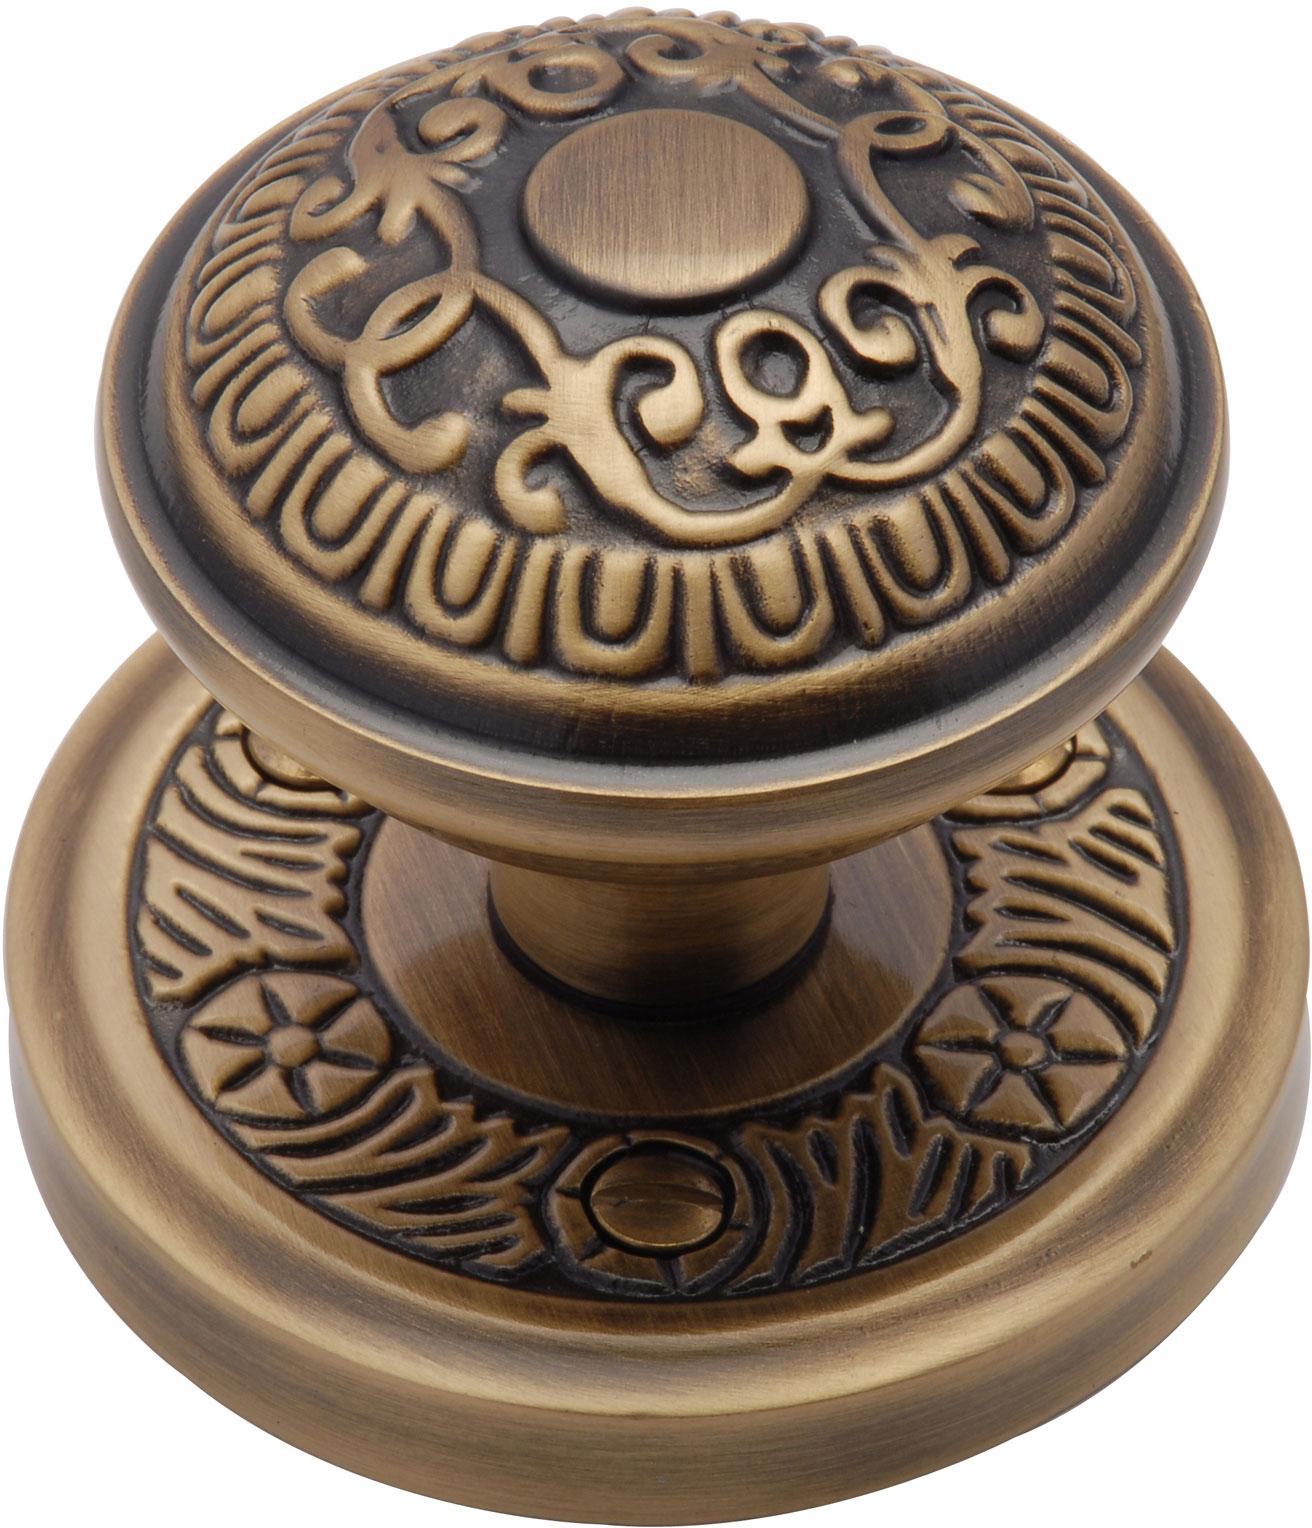 decorative door handles and knobs photo - 1